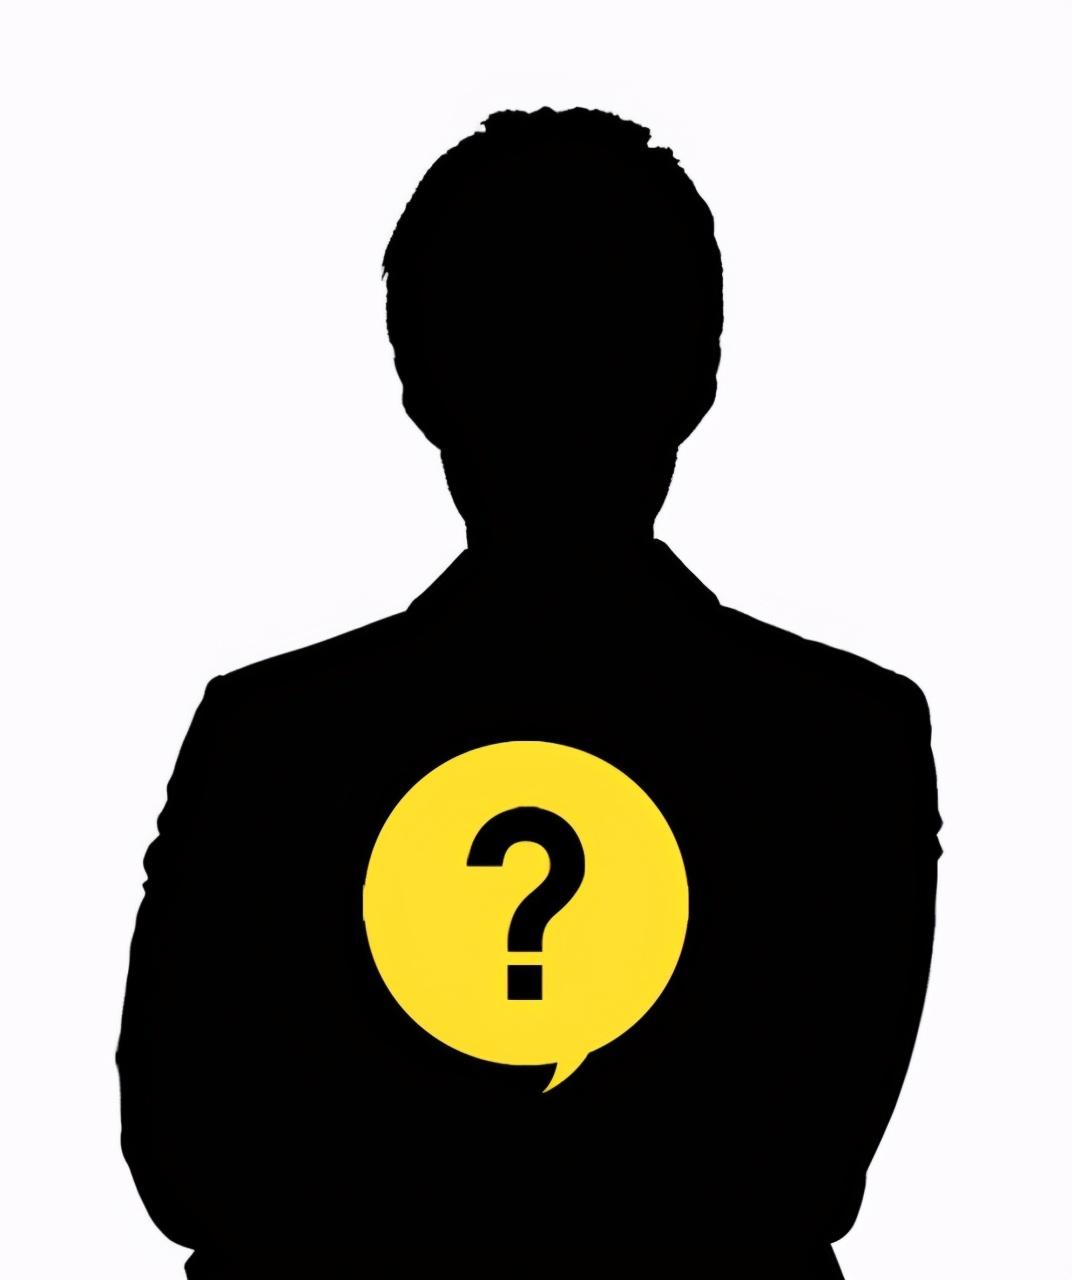 歌手练习生离奇死亡,手机发现痛苦对话,与知名作曲家有关?